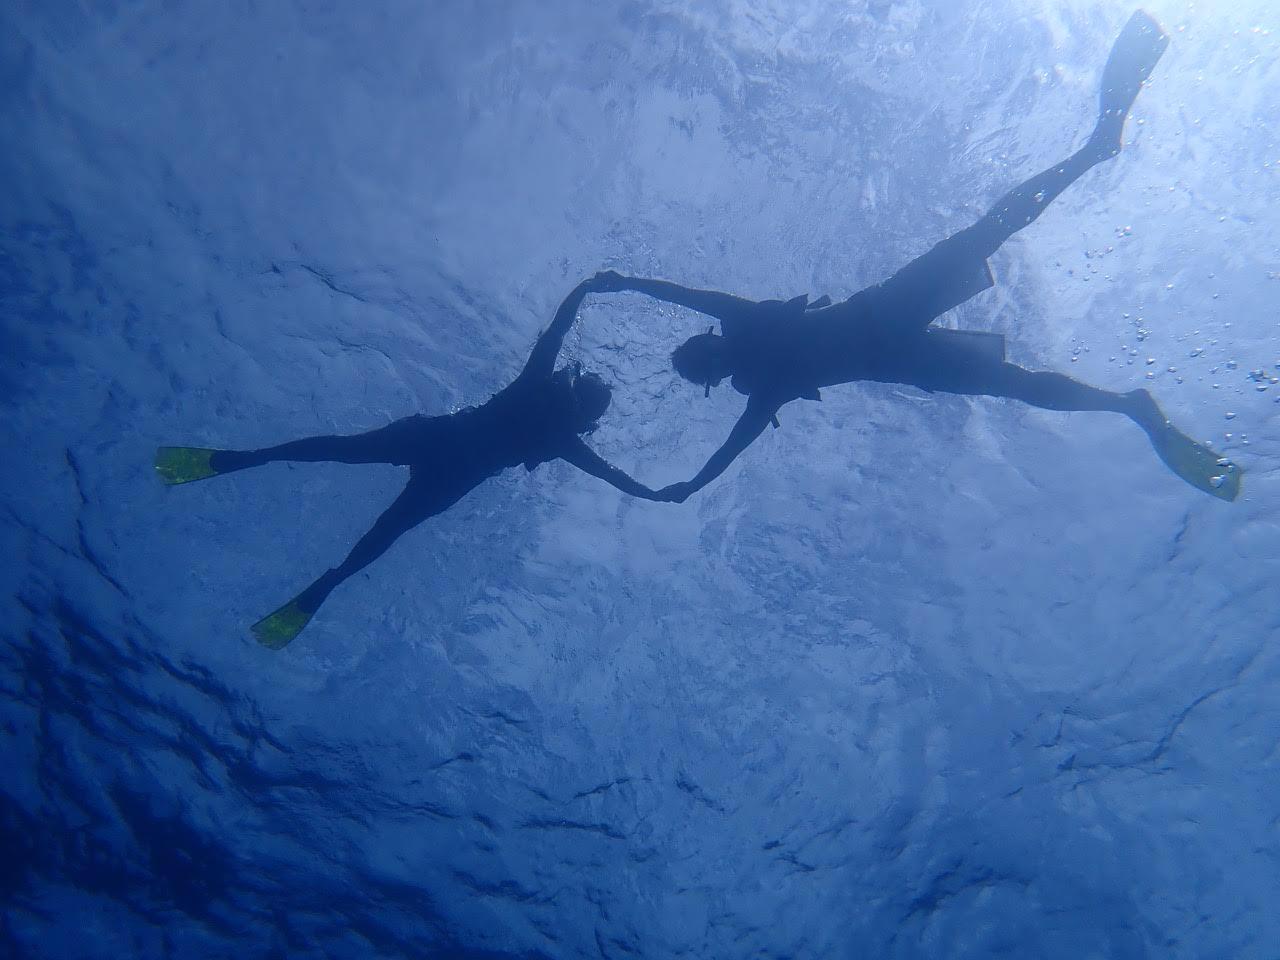 スタッフさんの漕ぐカヤックで10分程沖合に行き、そこでシュノーケリング。 合計約1時間のツアーでした。 カラフルなお魚は少なめでしたが、初めてウミガメを見ることが出来て楽しかったです(*^^*) 私は潜ることが出来ないので上から眺めるだけでしたが、写真をたくさんスタッフの方々撮ってくれて、20ドルでデータをメールで頂けました♫ ツアー代も写真代も他のオプショナルに比べてリーズナブルです。 繁華街近くきあるウエスティンホテルのビーチクラブへ集合なので送迎なしでも問題なく、シュノーケリング後にはすぐお買い物へと繰り出しました♫